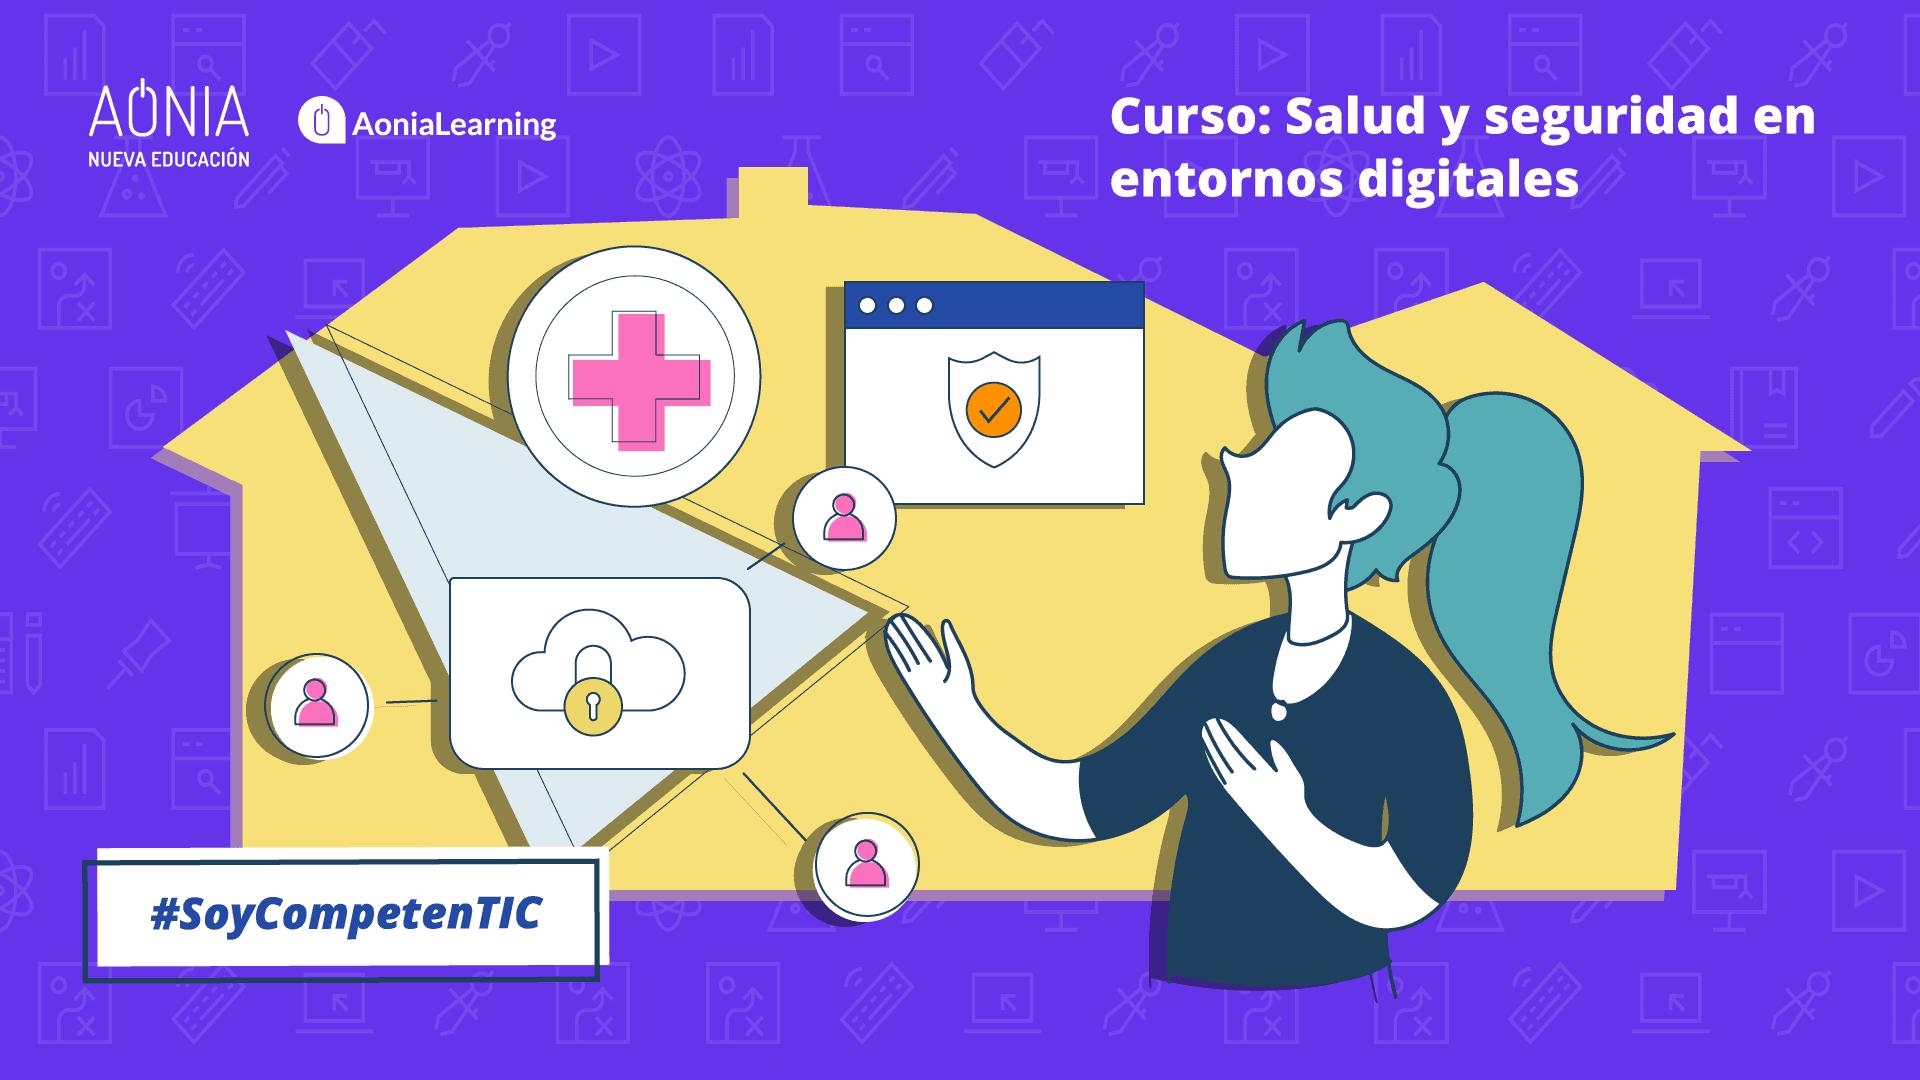 Salud y seguridad en entornos digitales